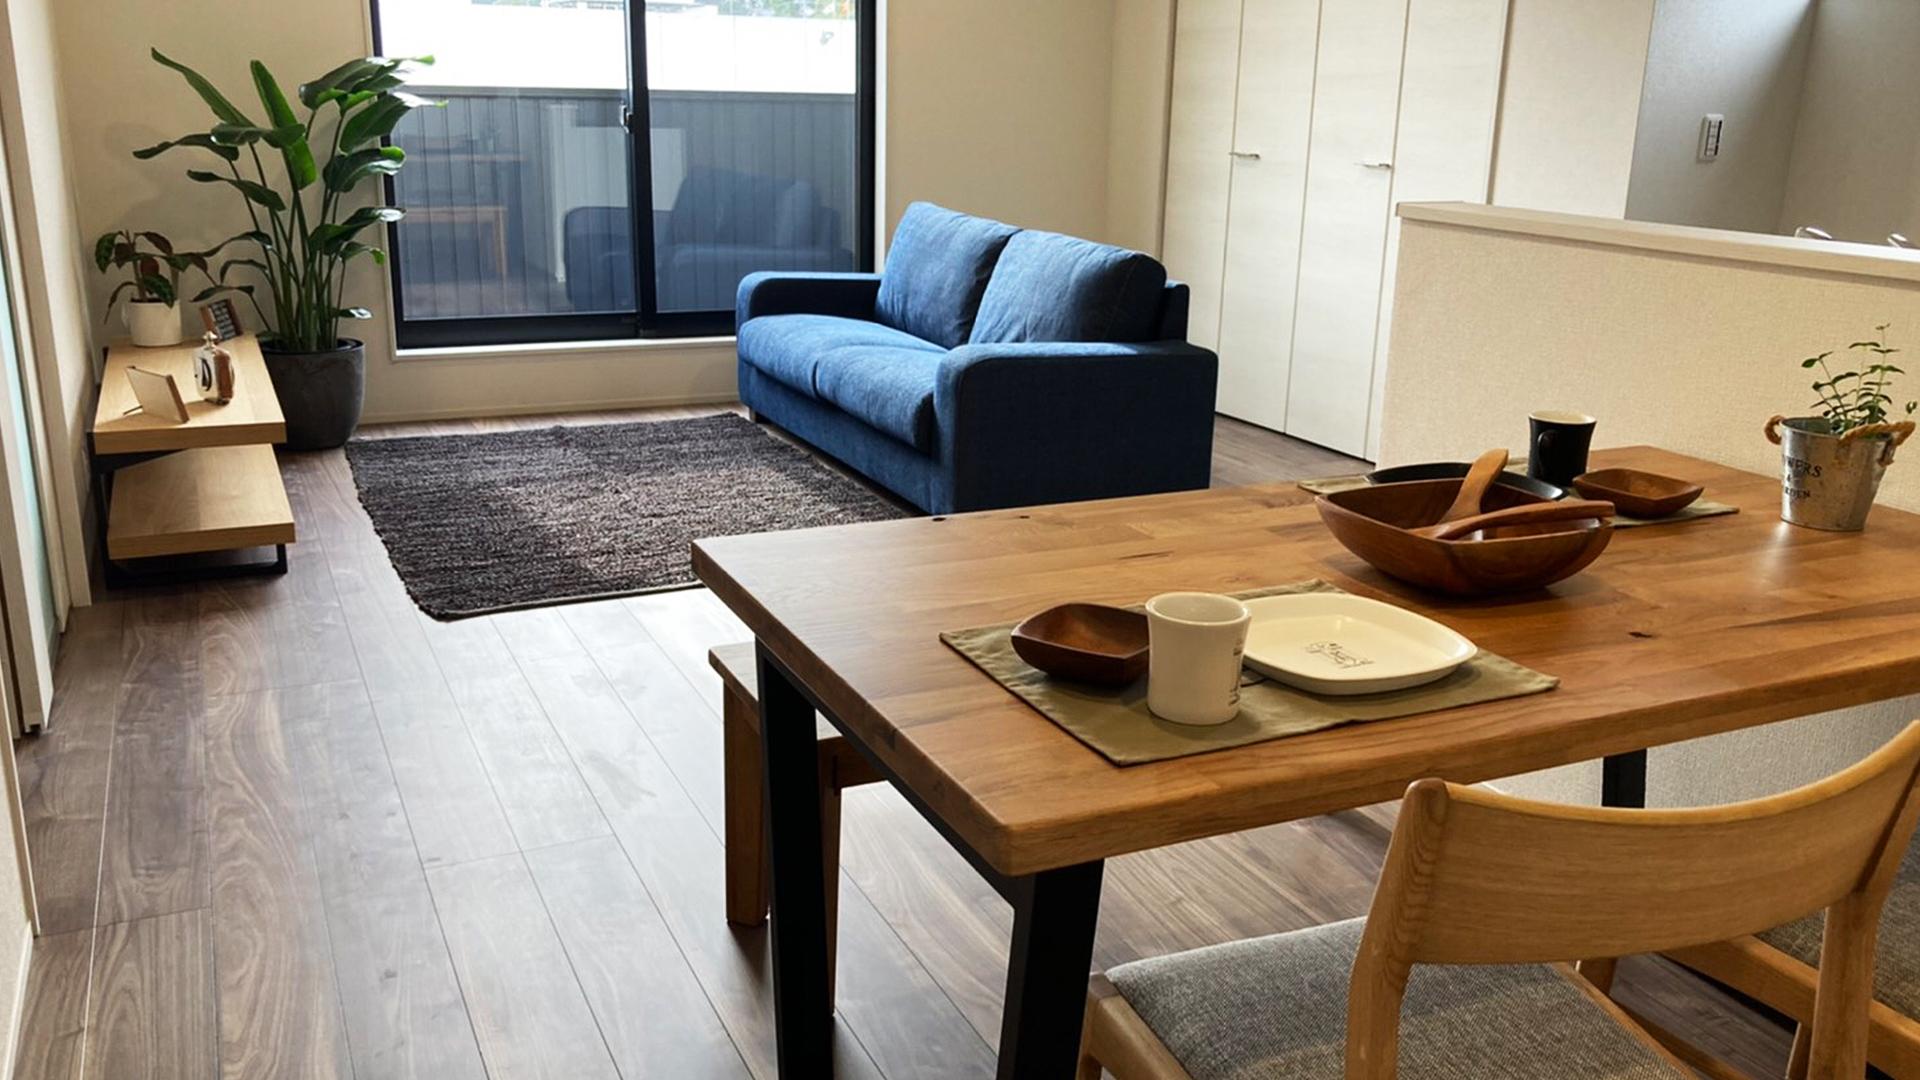 2階にあるリビングにソファとダイニングを設置した画像